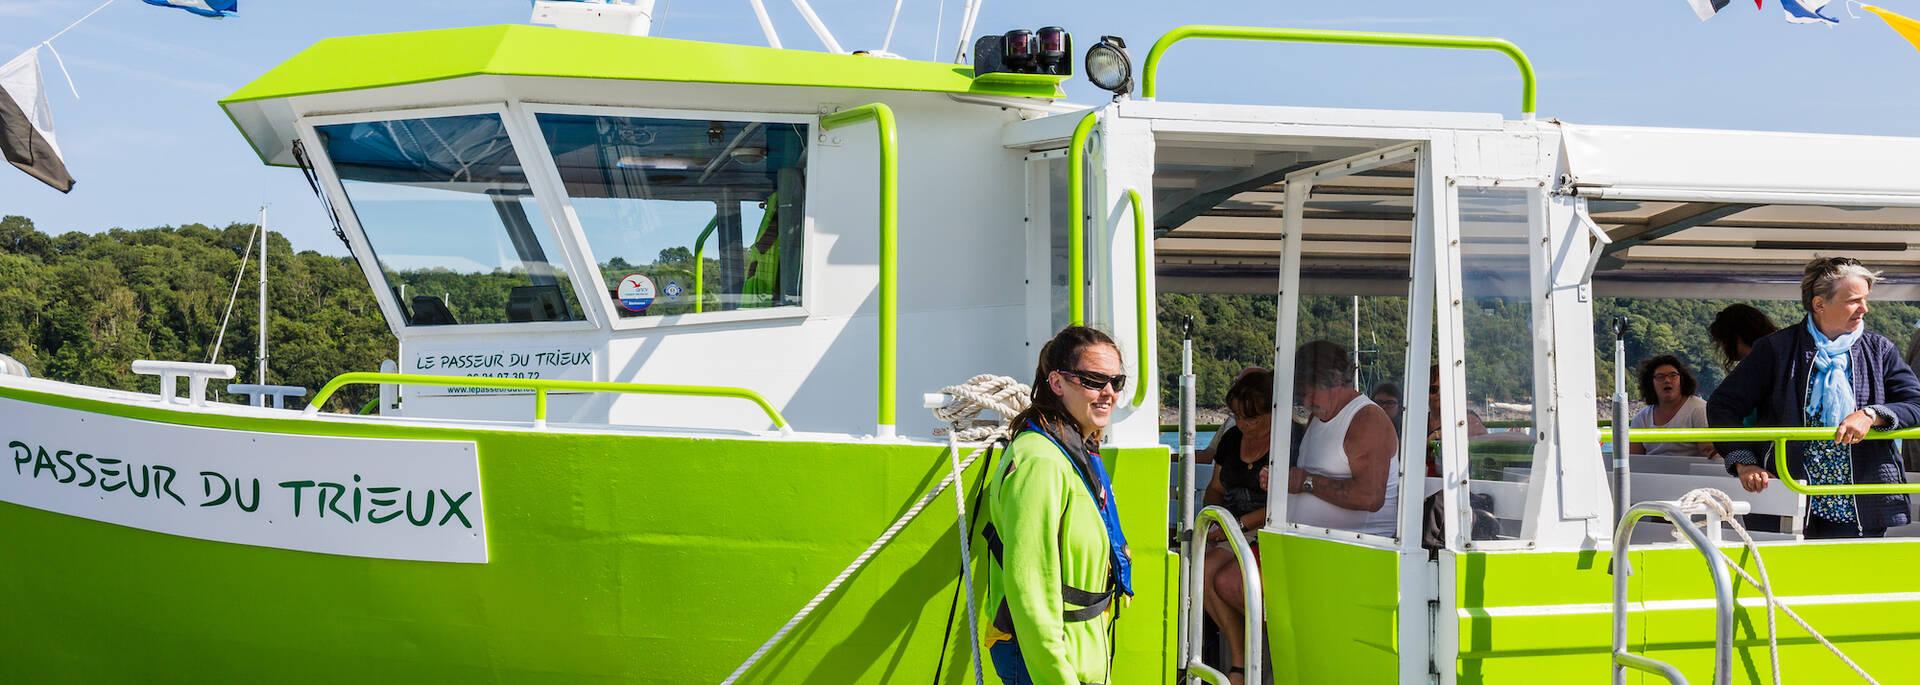 Le bateau passeur du Trieux ©L'Oeil de Paco